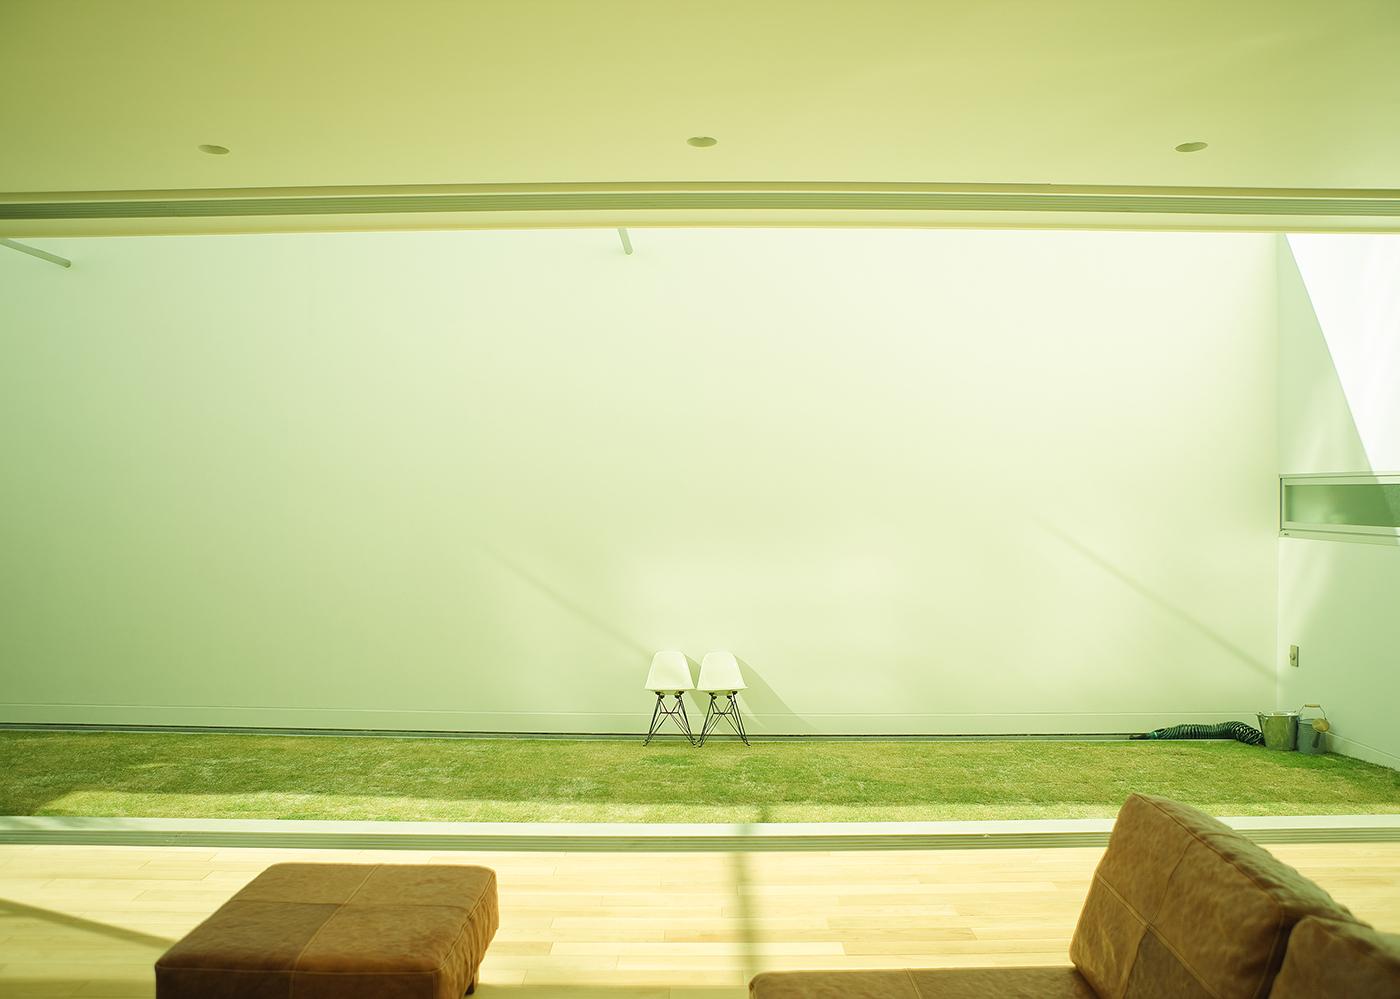 中庭と大きな窓の家中庭